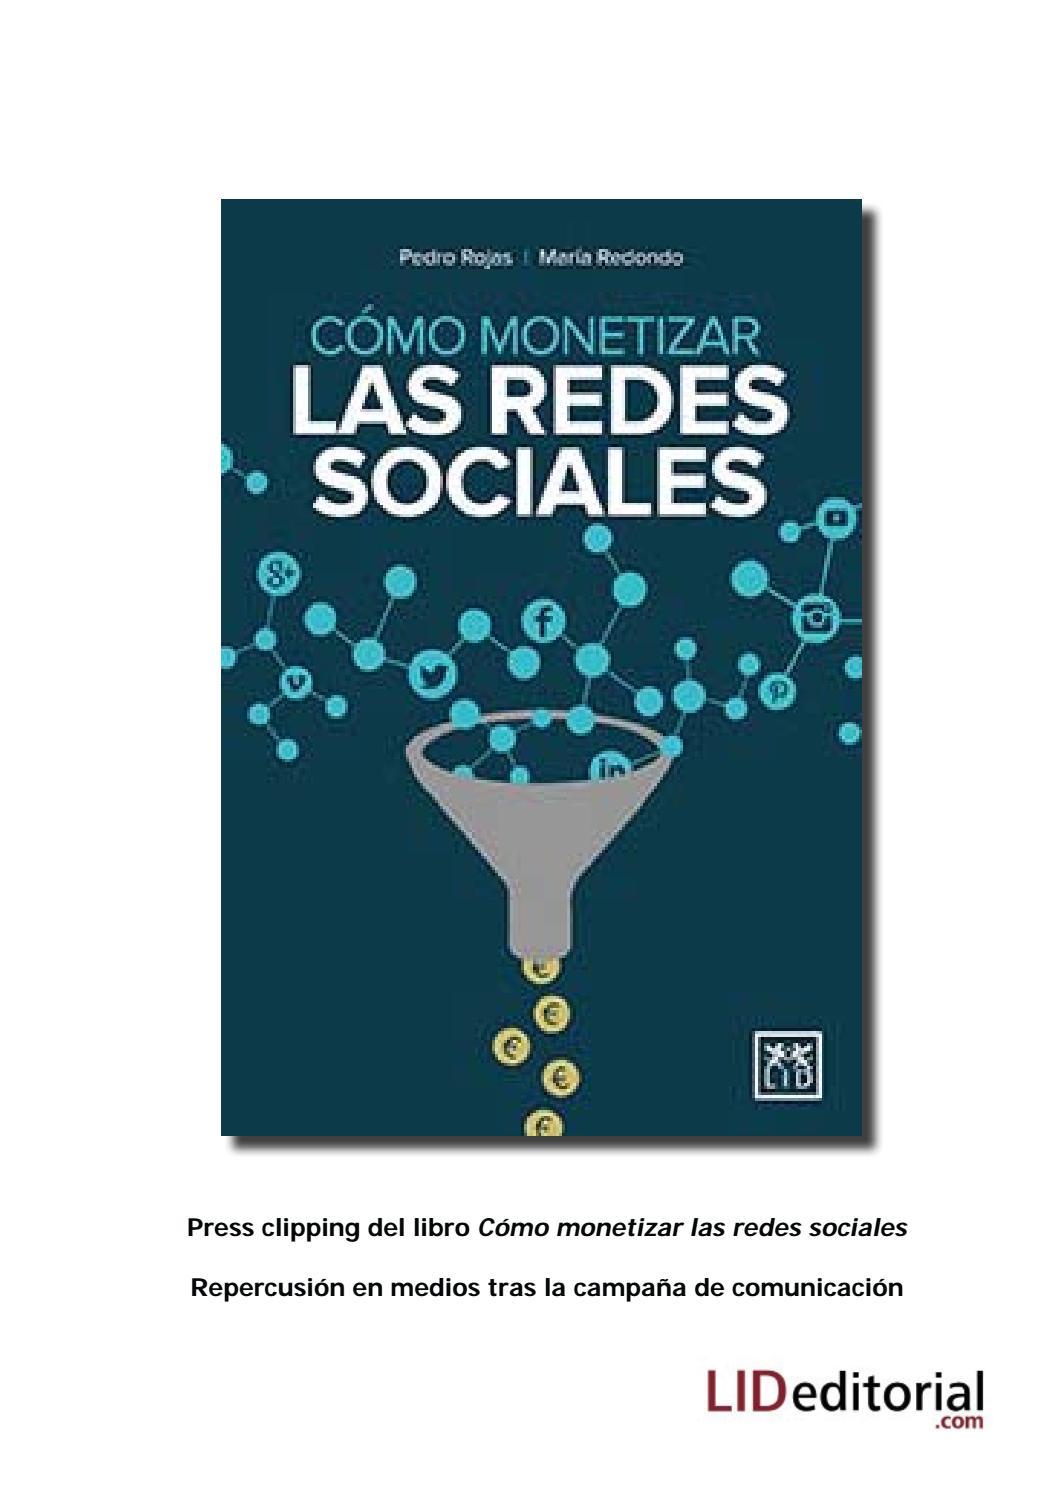 2b0cffa620b61 Press clipping de  Cómo monetizar las redes sociales  by LID Editorial -  issuu